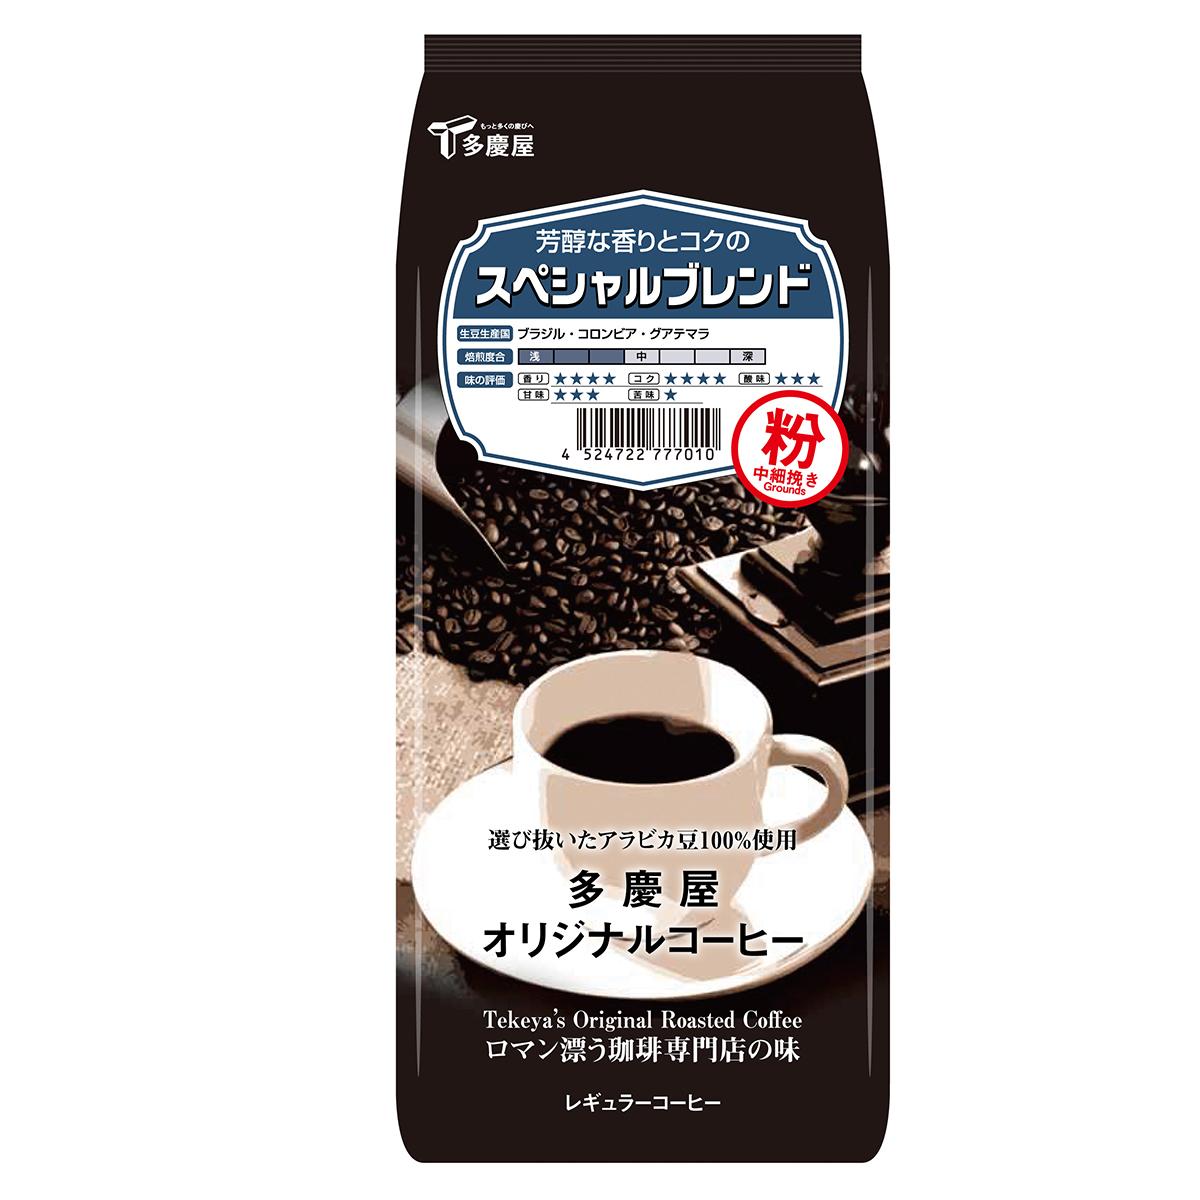 スペシャルブレンド  粉 150g 多慶屋オリジナルコーヒー コーヒー粉 レギュラーコーヒー